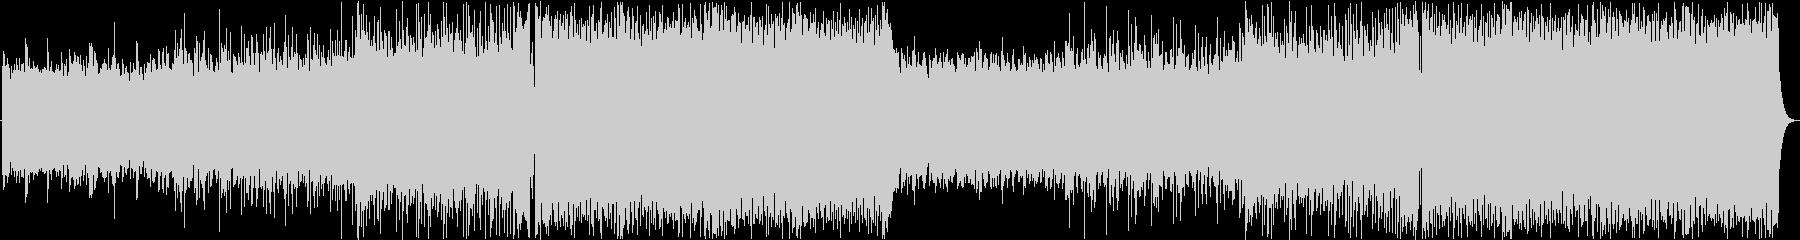 クールなFuture Bassの未再生の波形